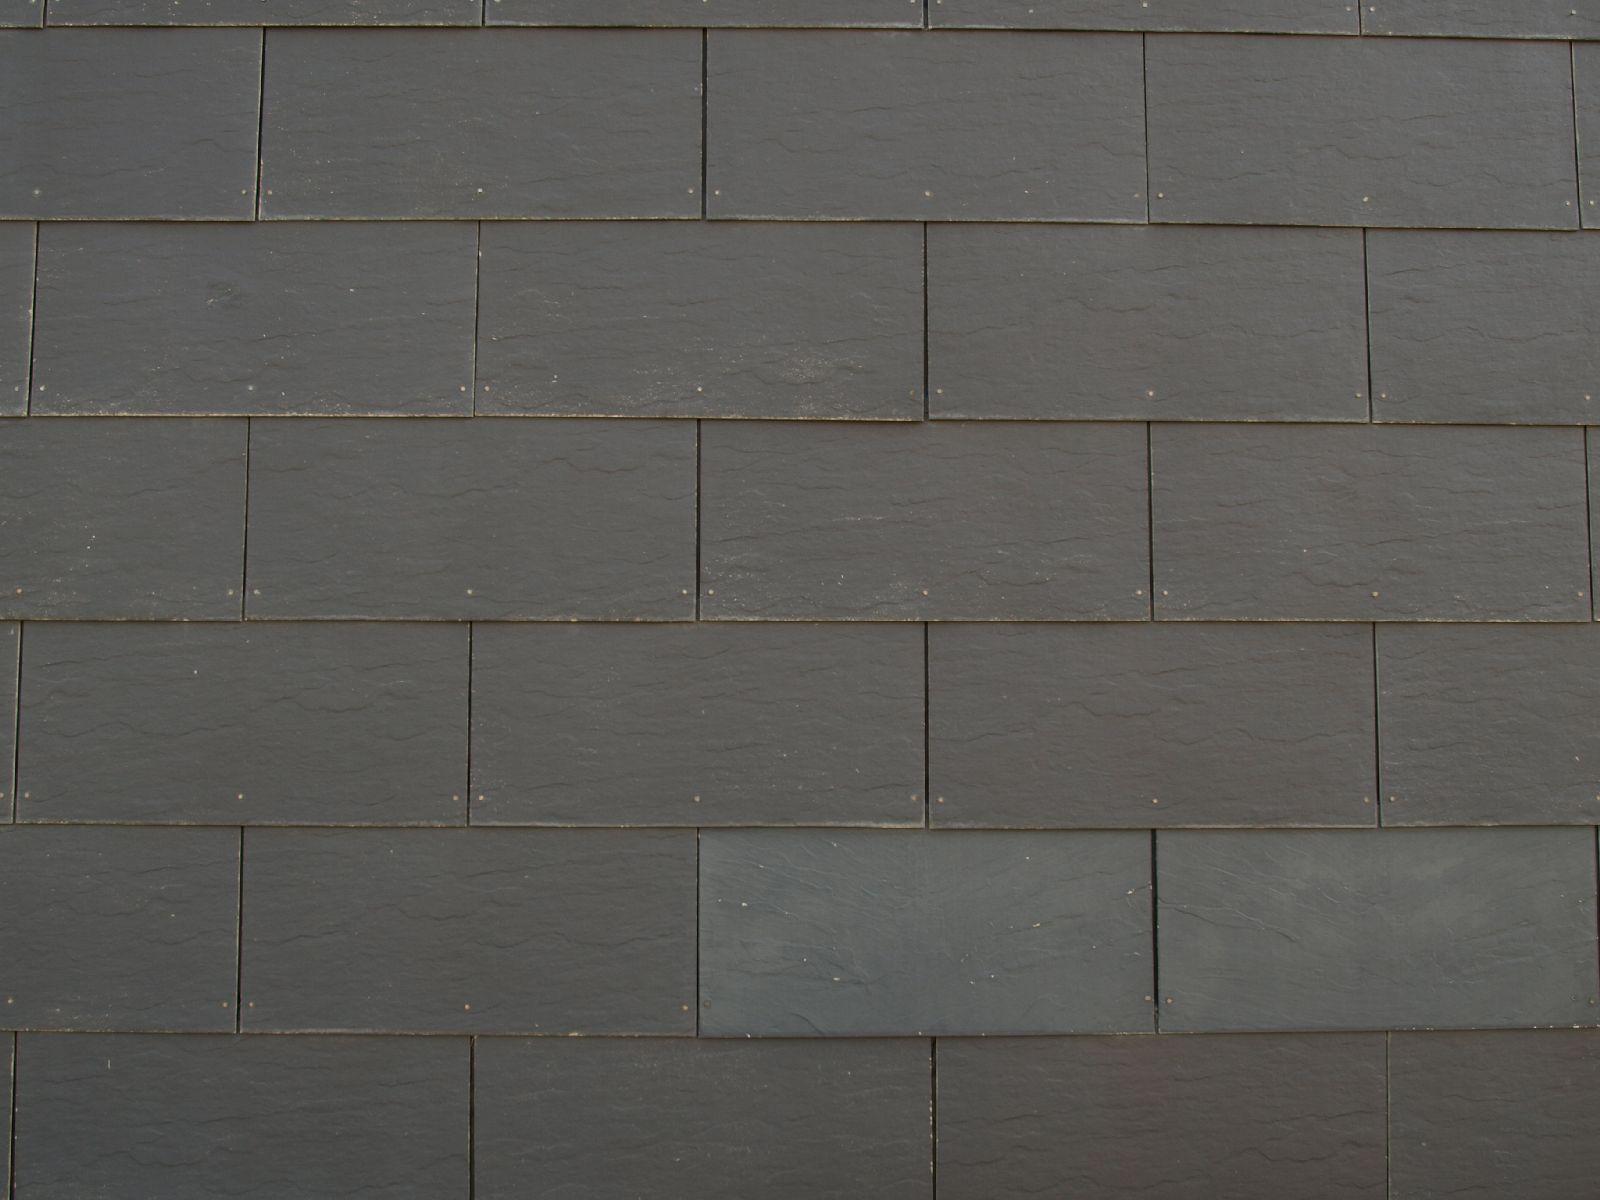 Boden-Gehweg-Strasse-Buergersteig-Textur_A_P6153472